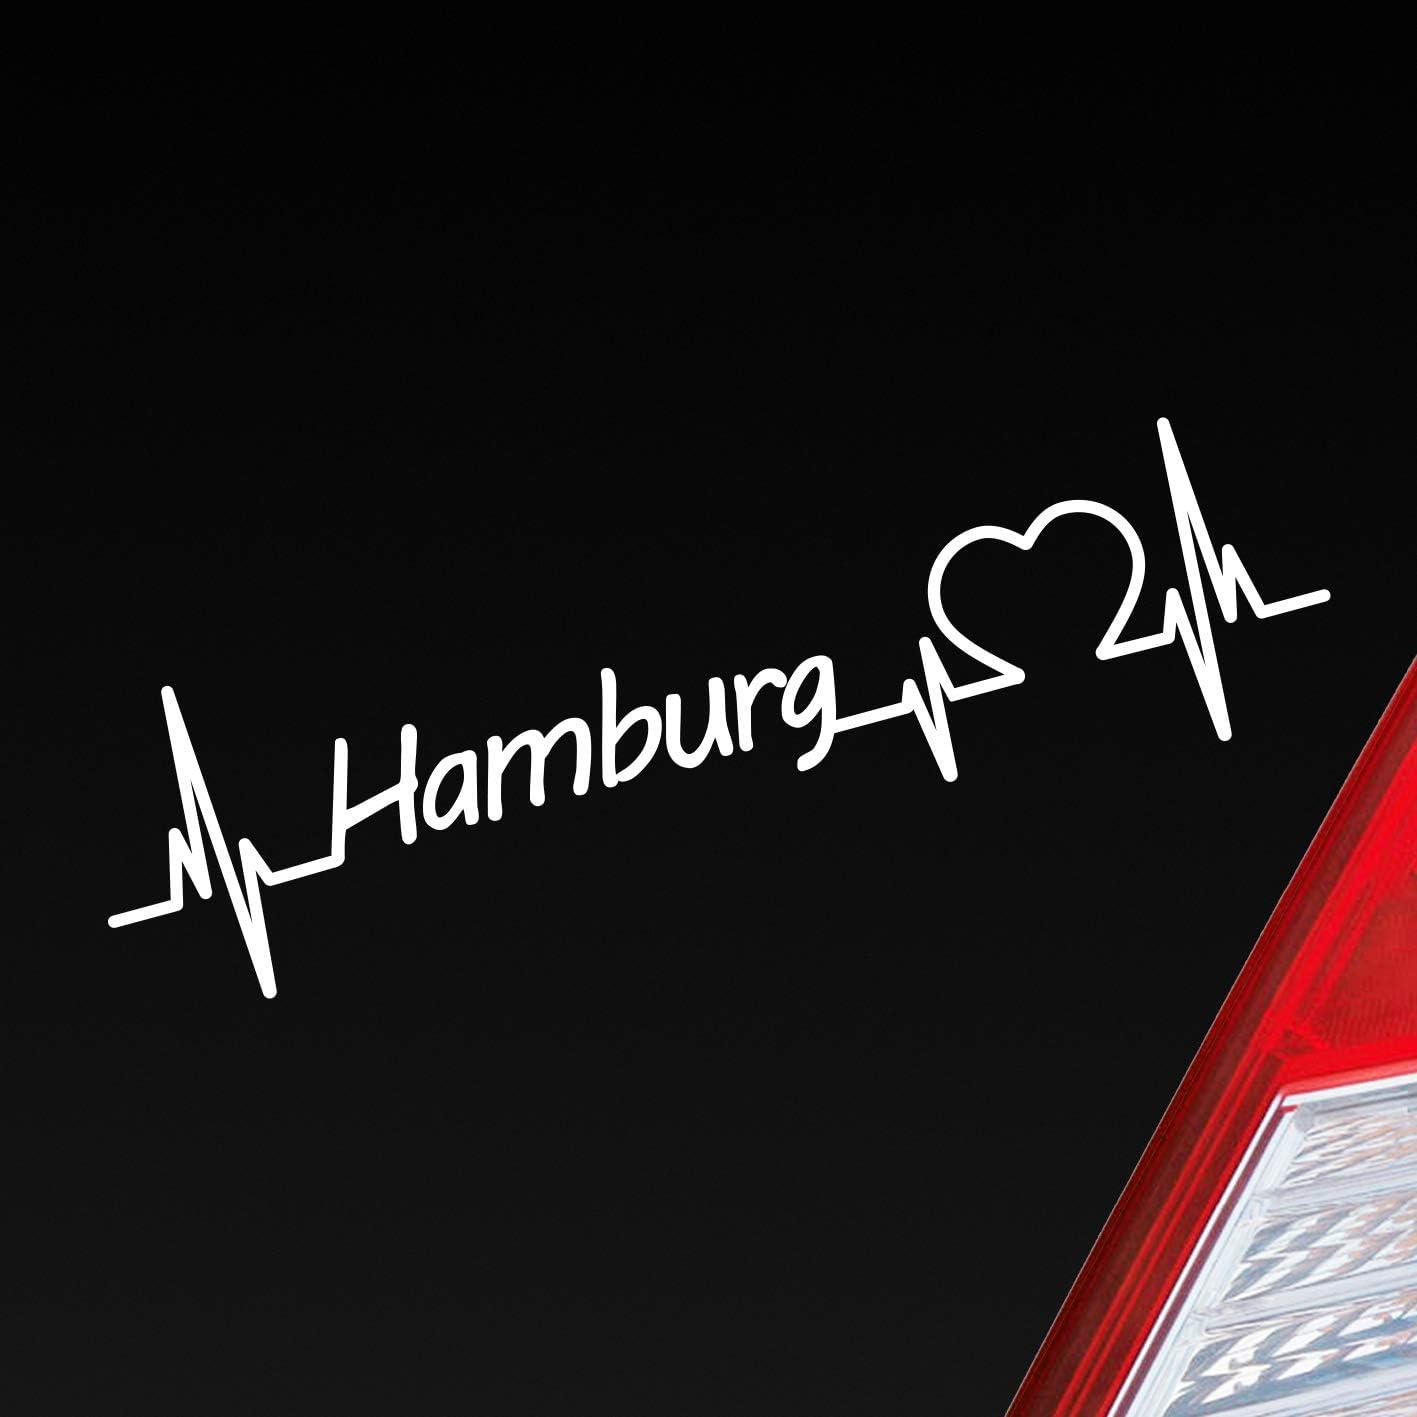 Auto Aufkleber In Deiner Wunschfarbe Hamburg Herz Puls Stadt City Sticker Liebe Love Ca 19 X 5 Cm Autoaufkleber Sticker Auto